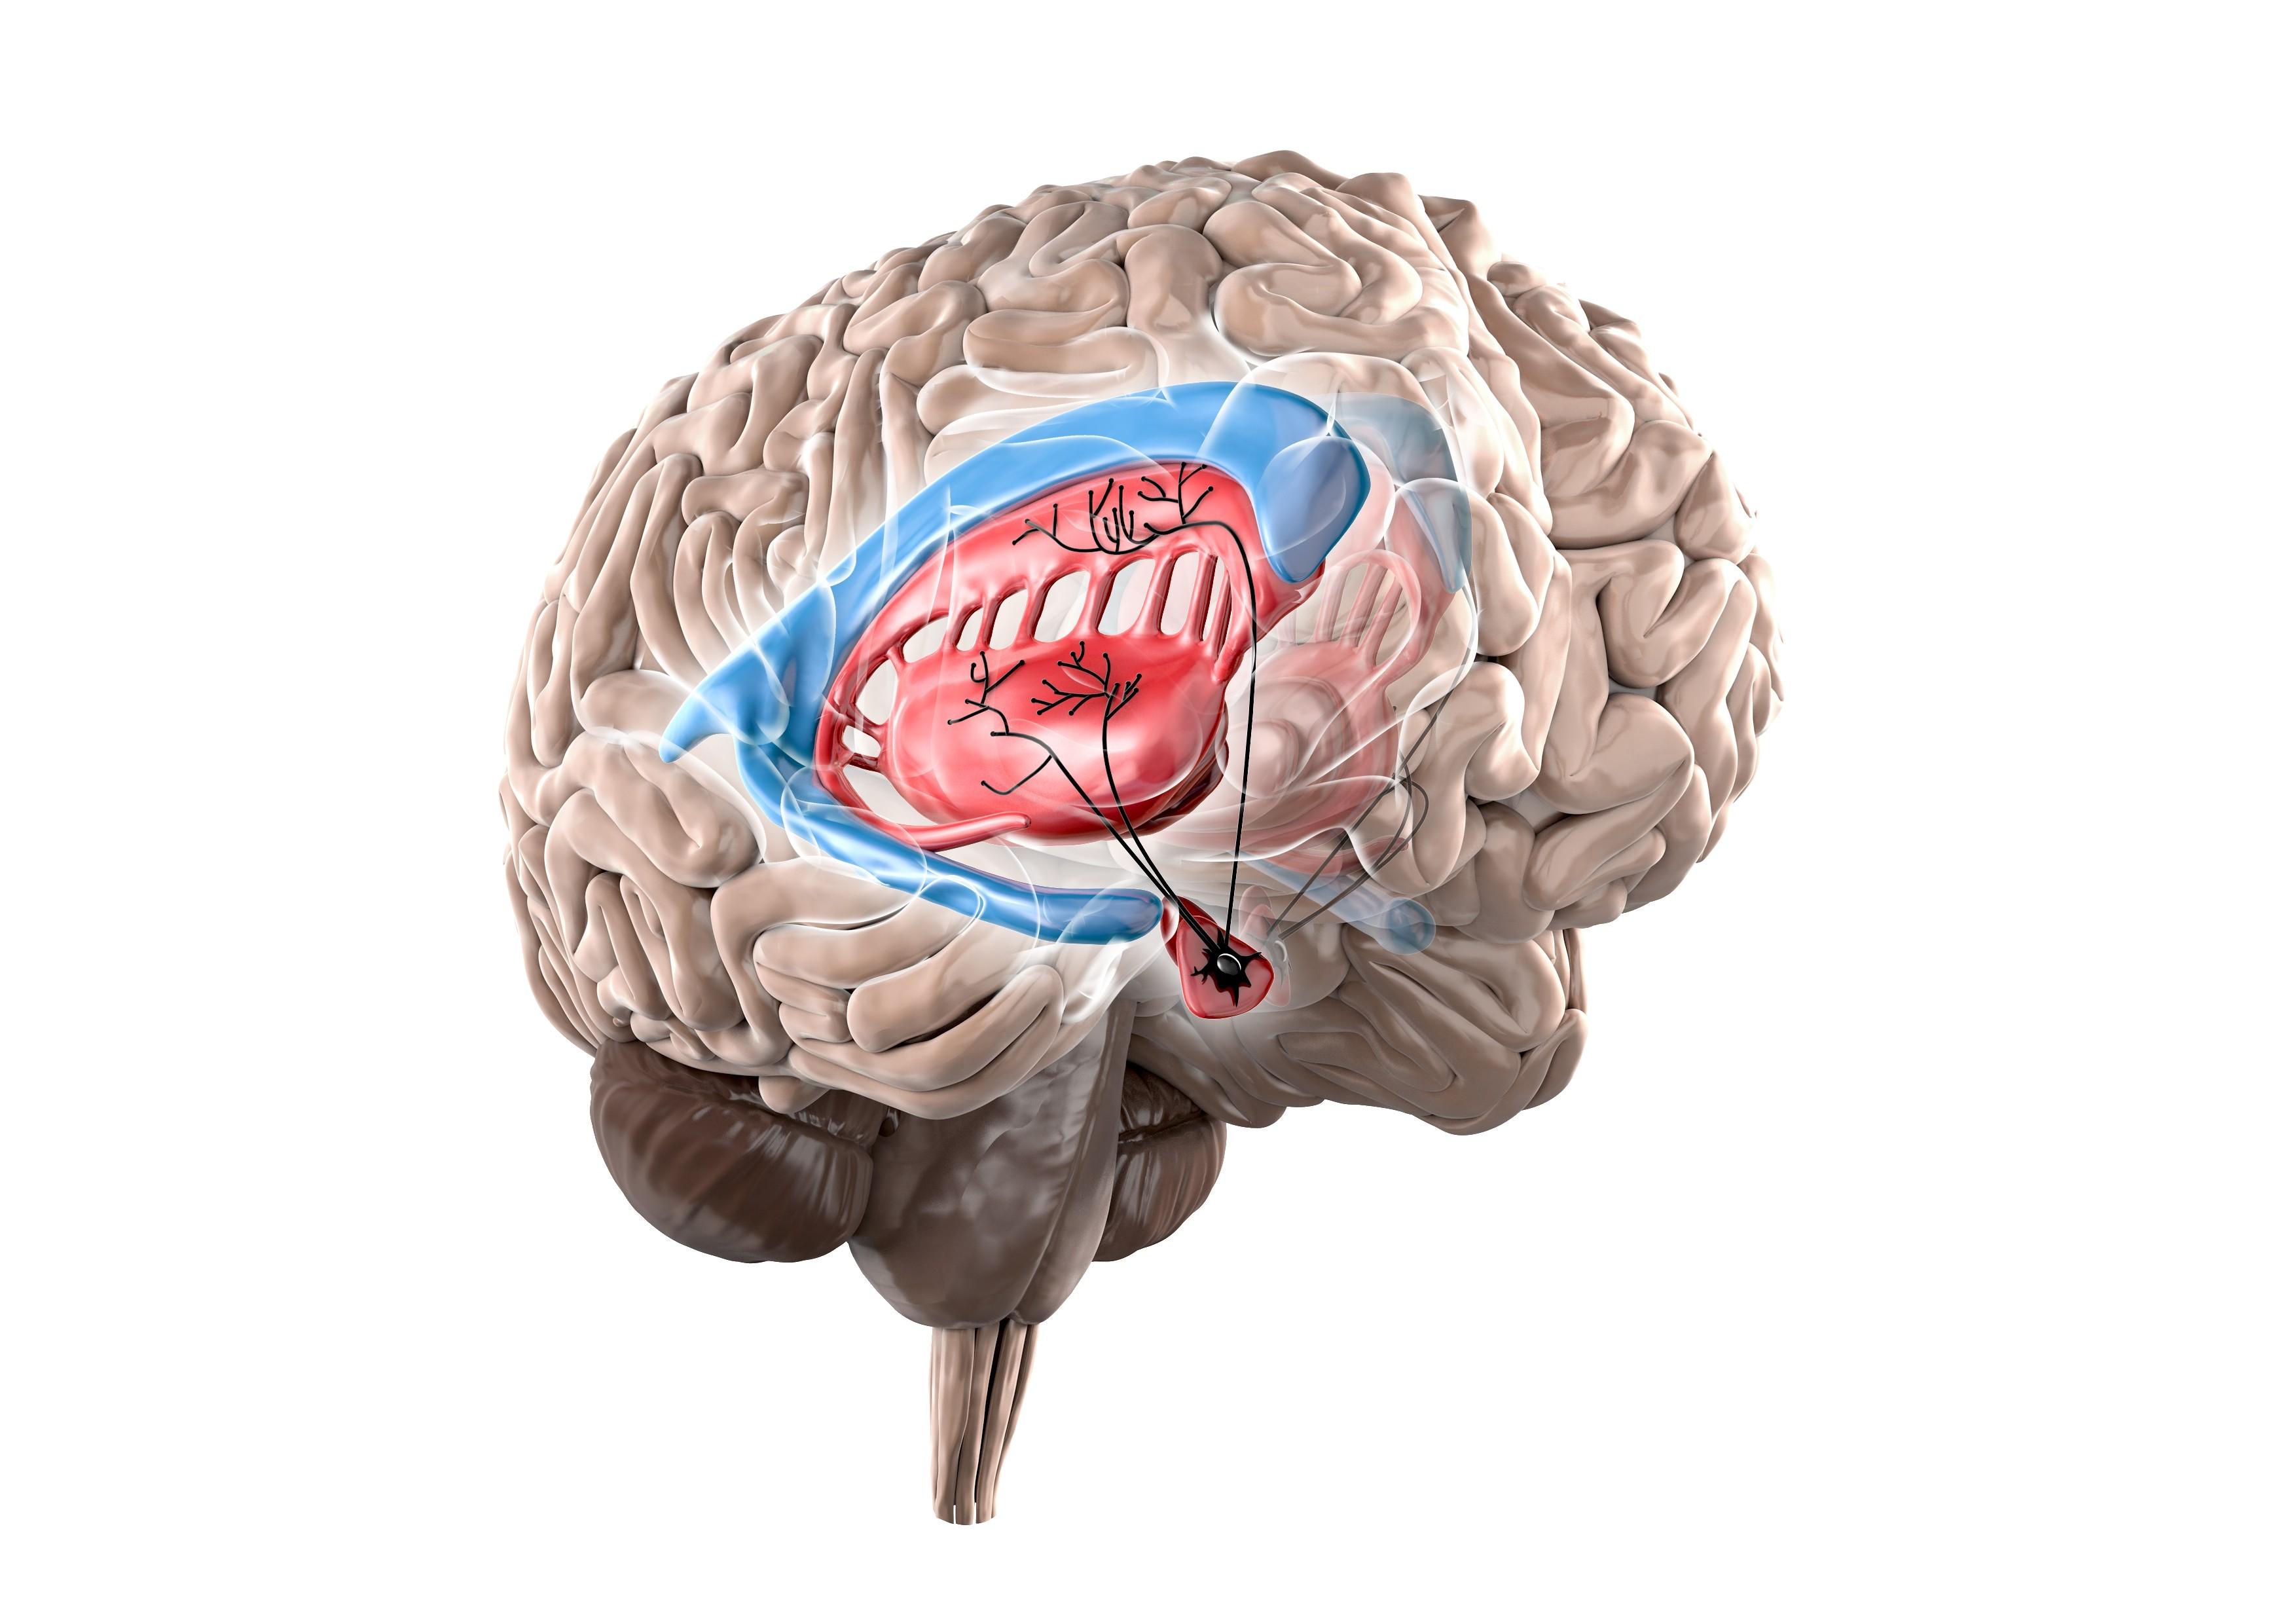 Medizinische 3D Visualisierung